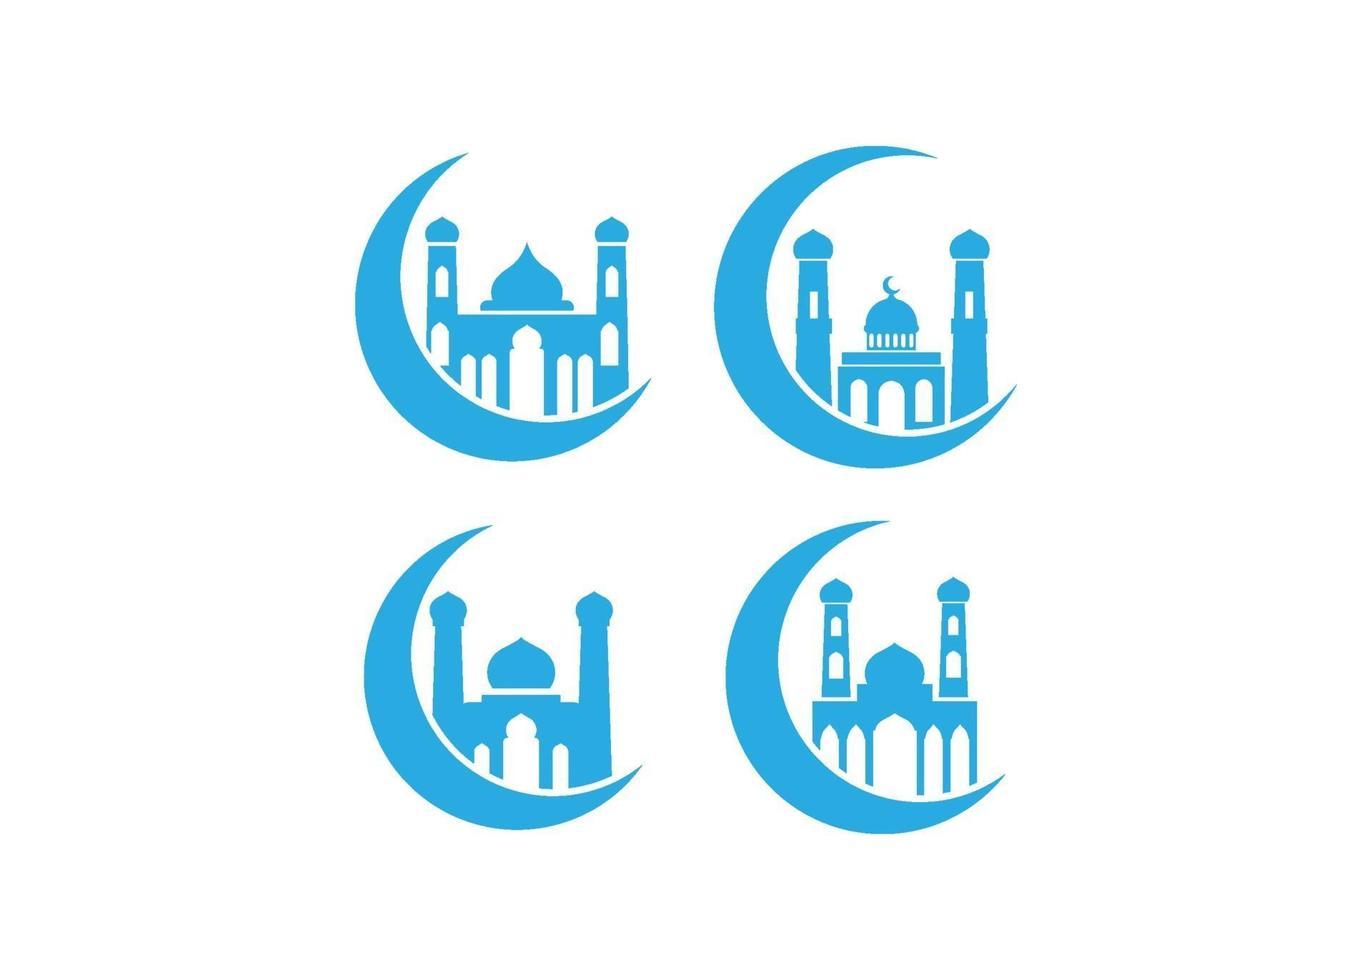 jeu de mosquée icône illustration vectorielle vecteur